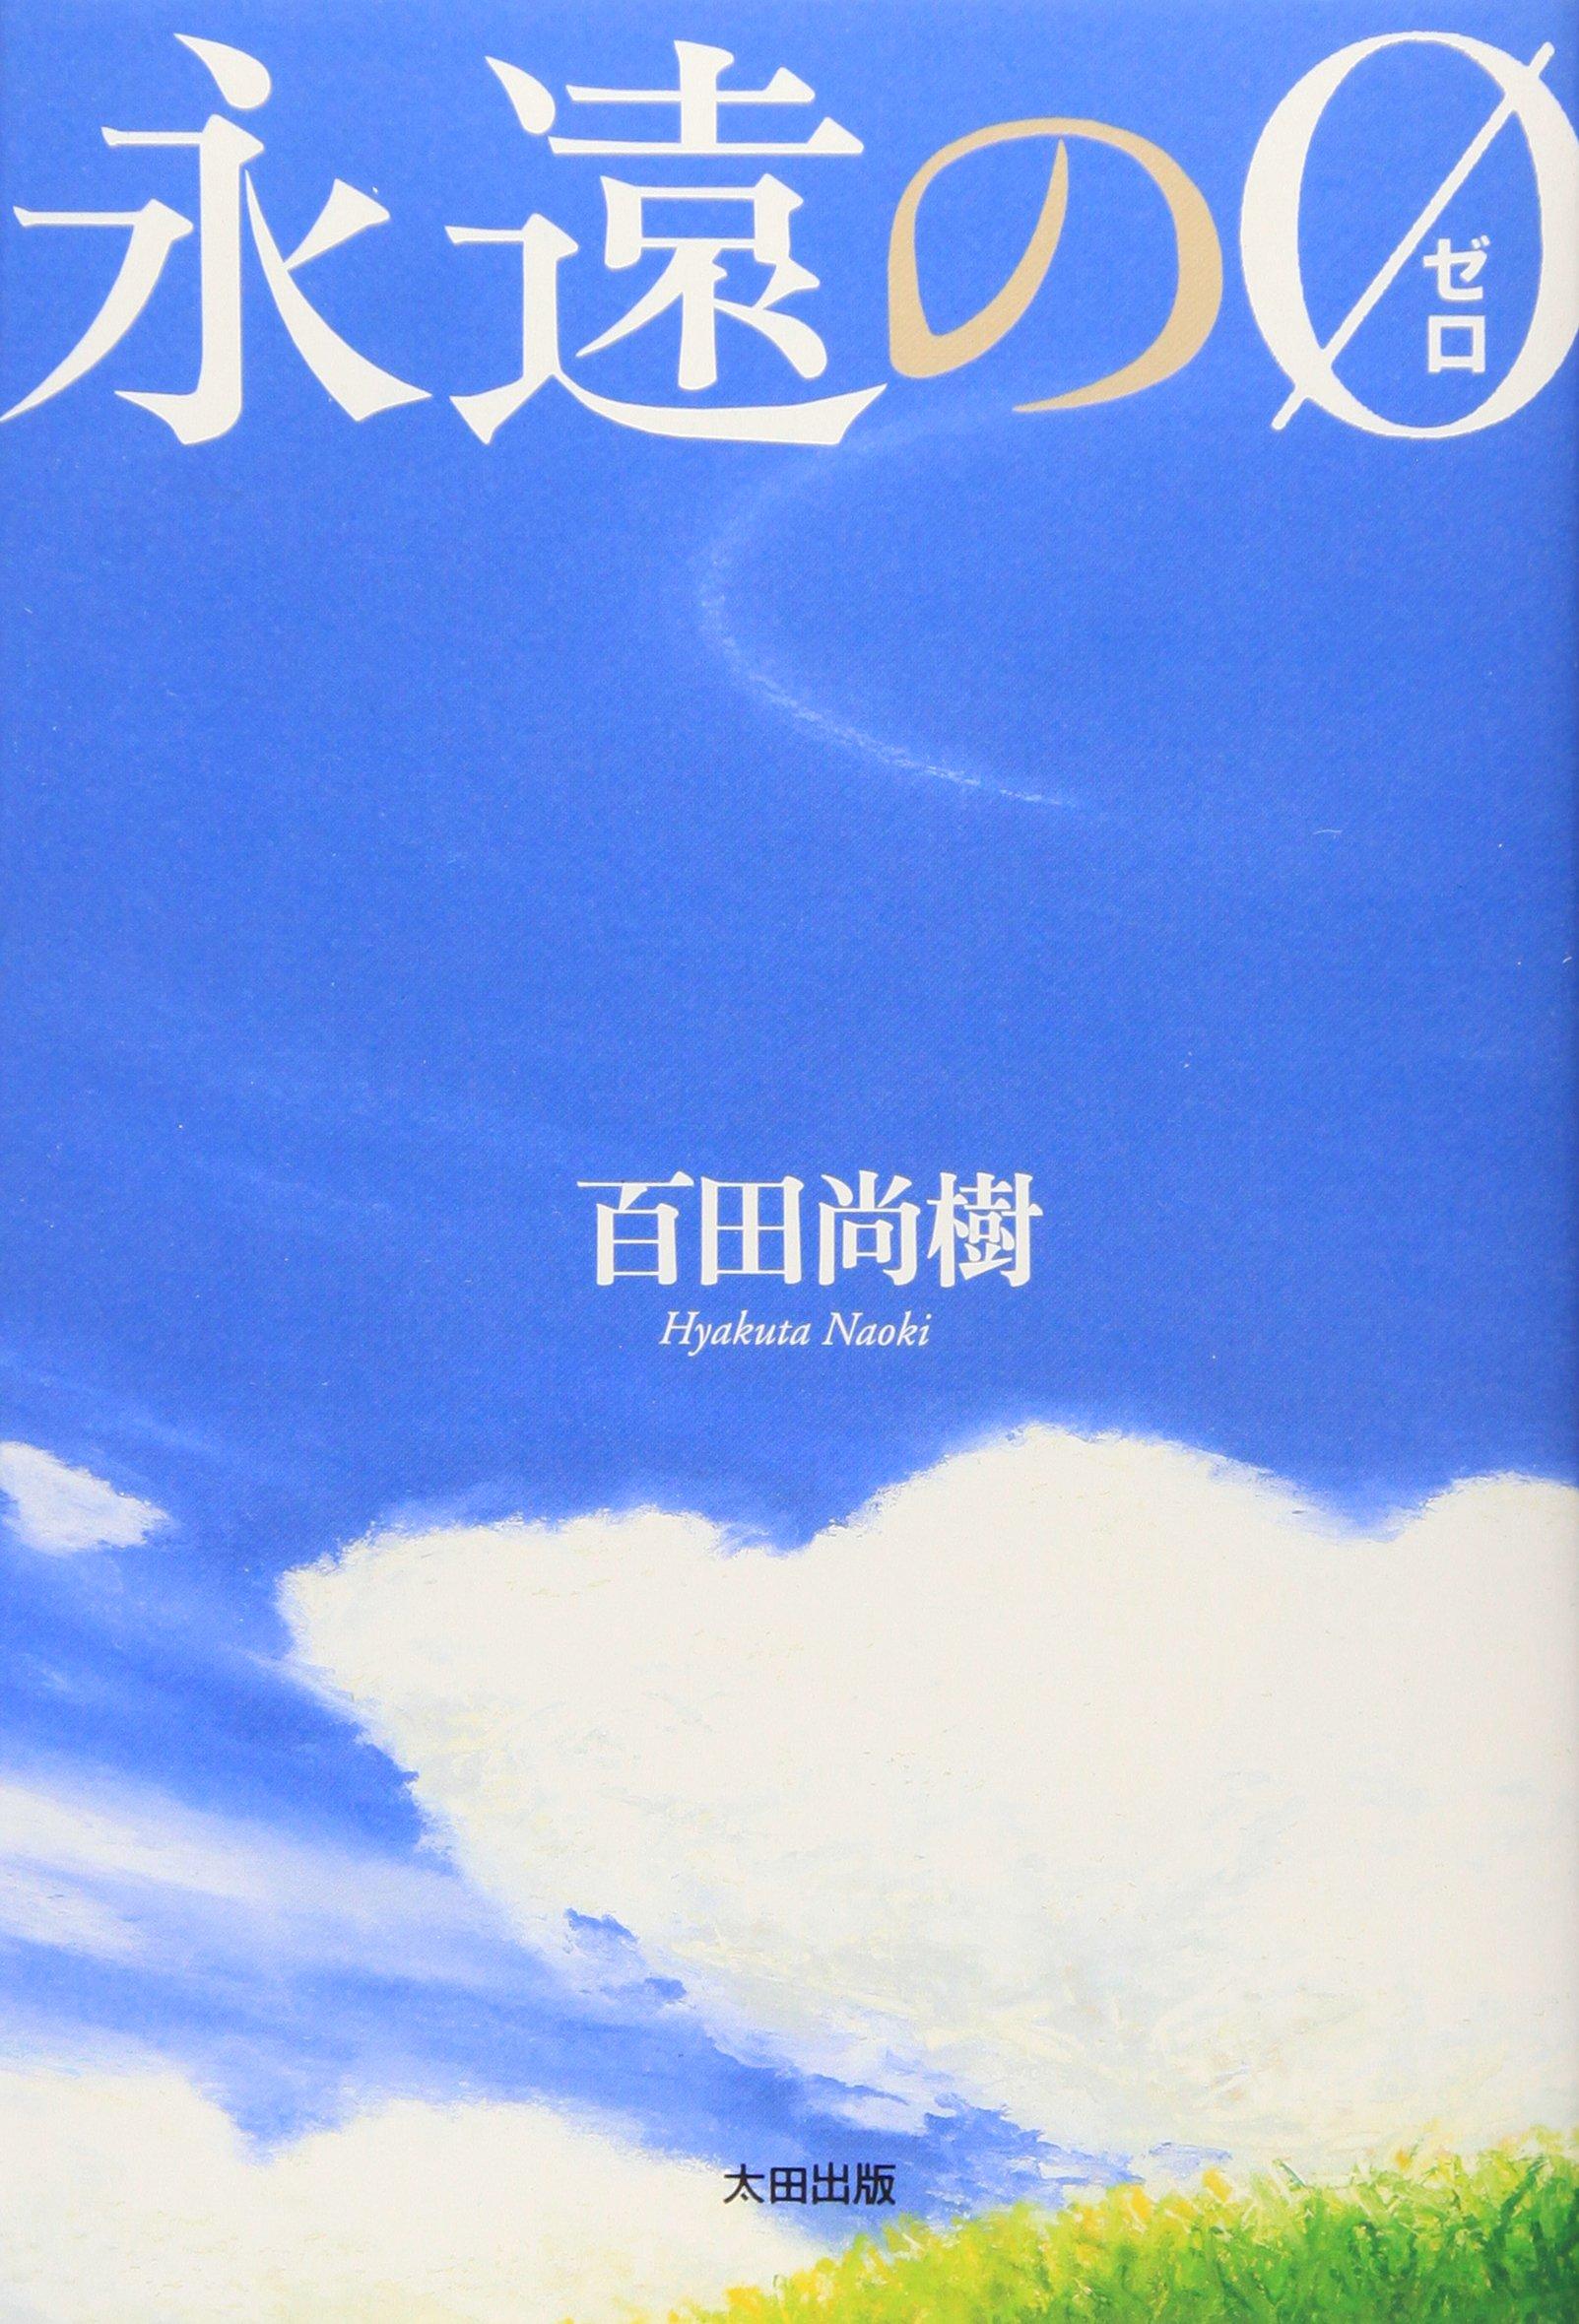 永遠の0 (ゼロ)   百田 尚樹  本...